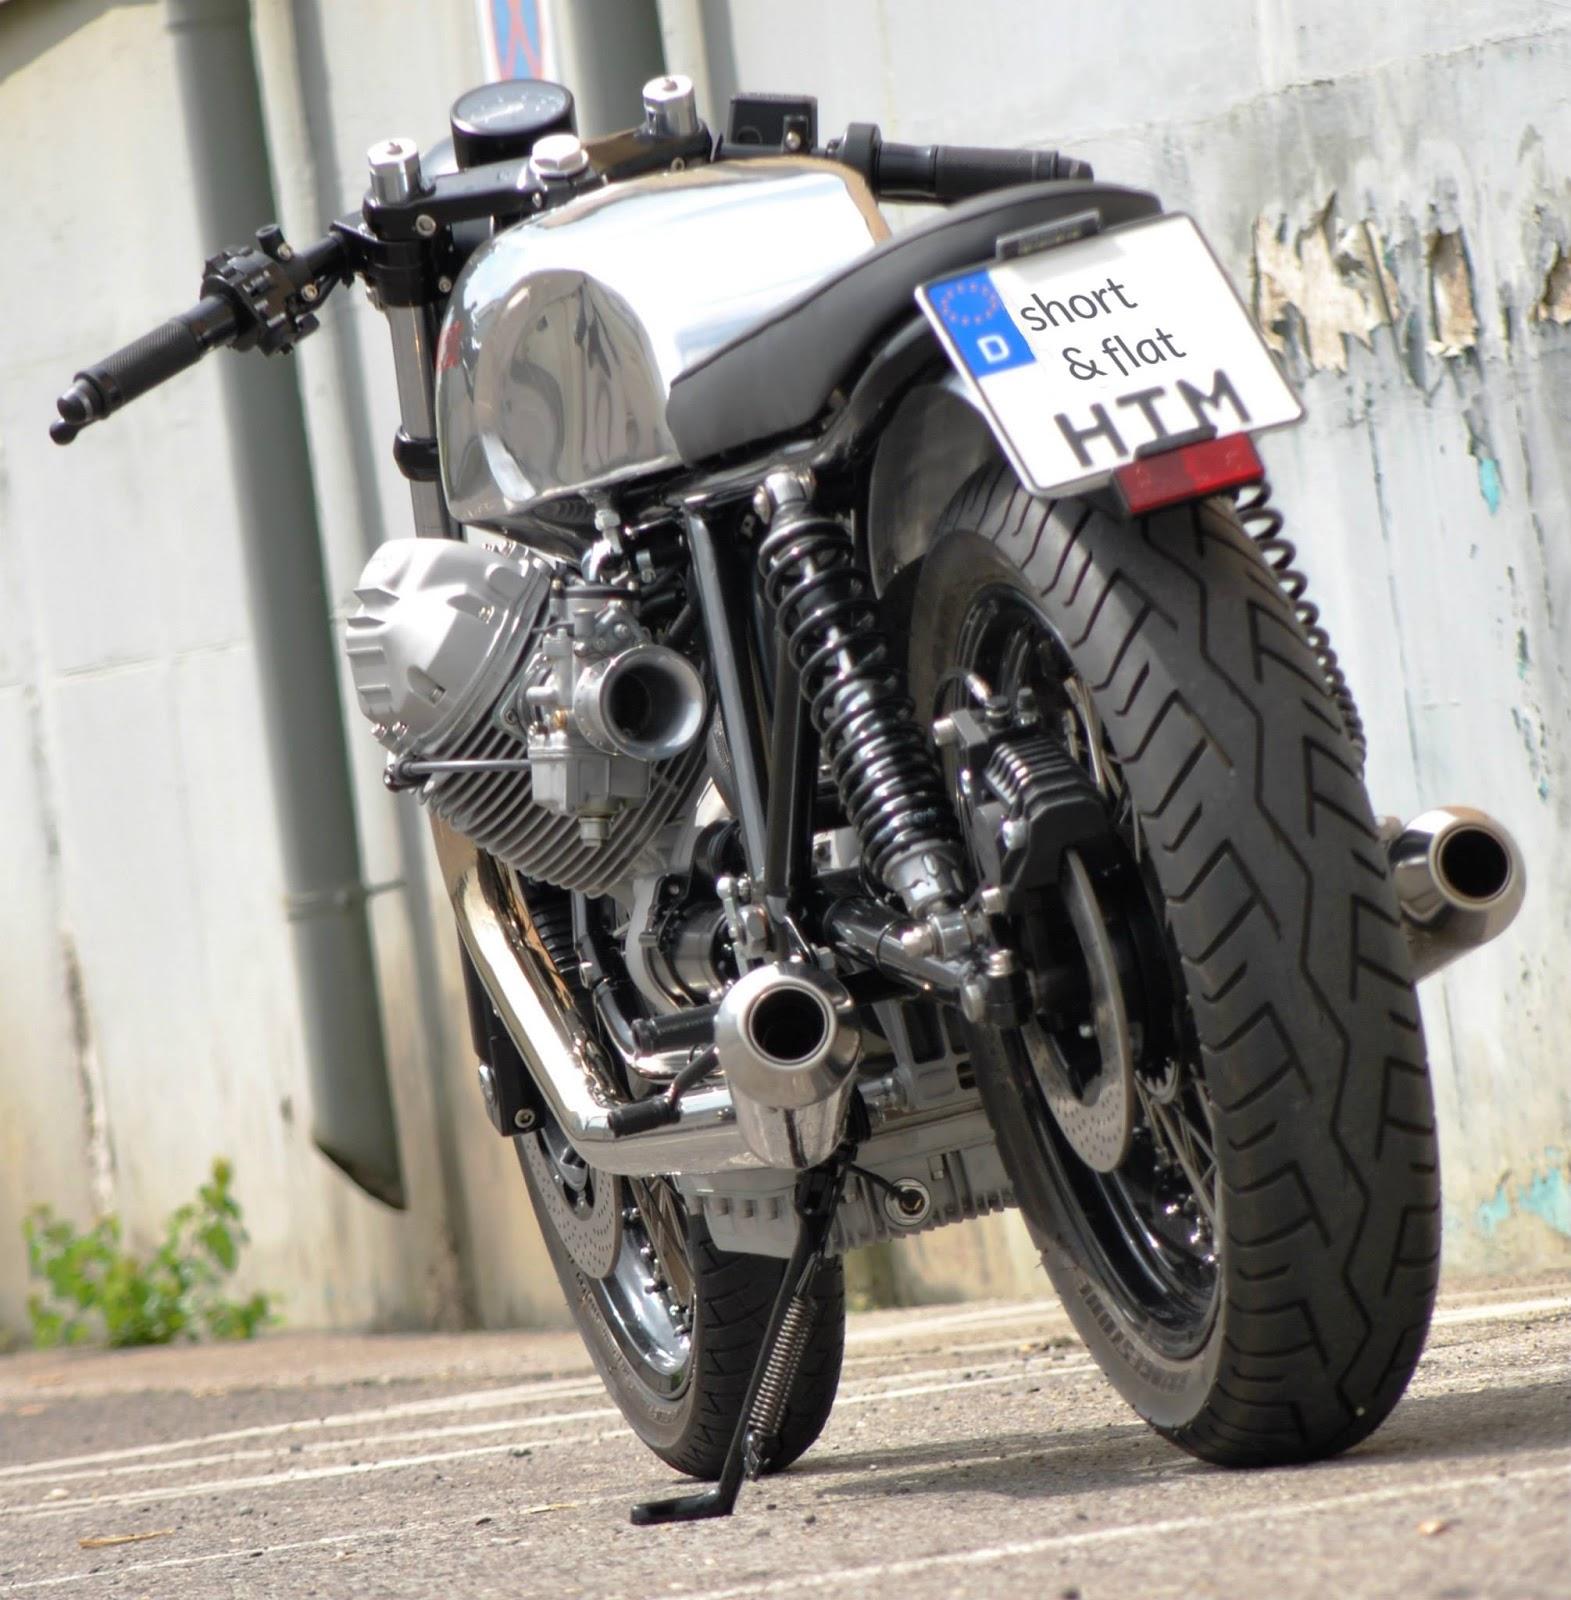 Moto+Guzzi+%2522Short+%2526+Flat%2522+by+HTMoto+04 Yamaha Mio Mx Wiring Diagram on yamaha sniper mx, yamaha filano, yamaha motorcycles, yamaha nouvo mx, yamaha yamaha, yamaha vega force, yamaha jupiter mx 2014,